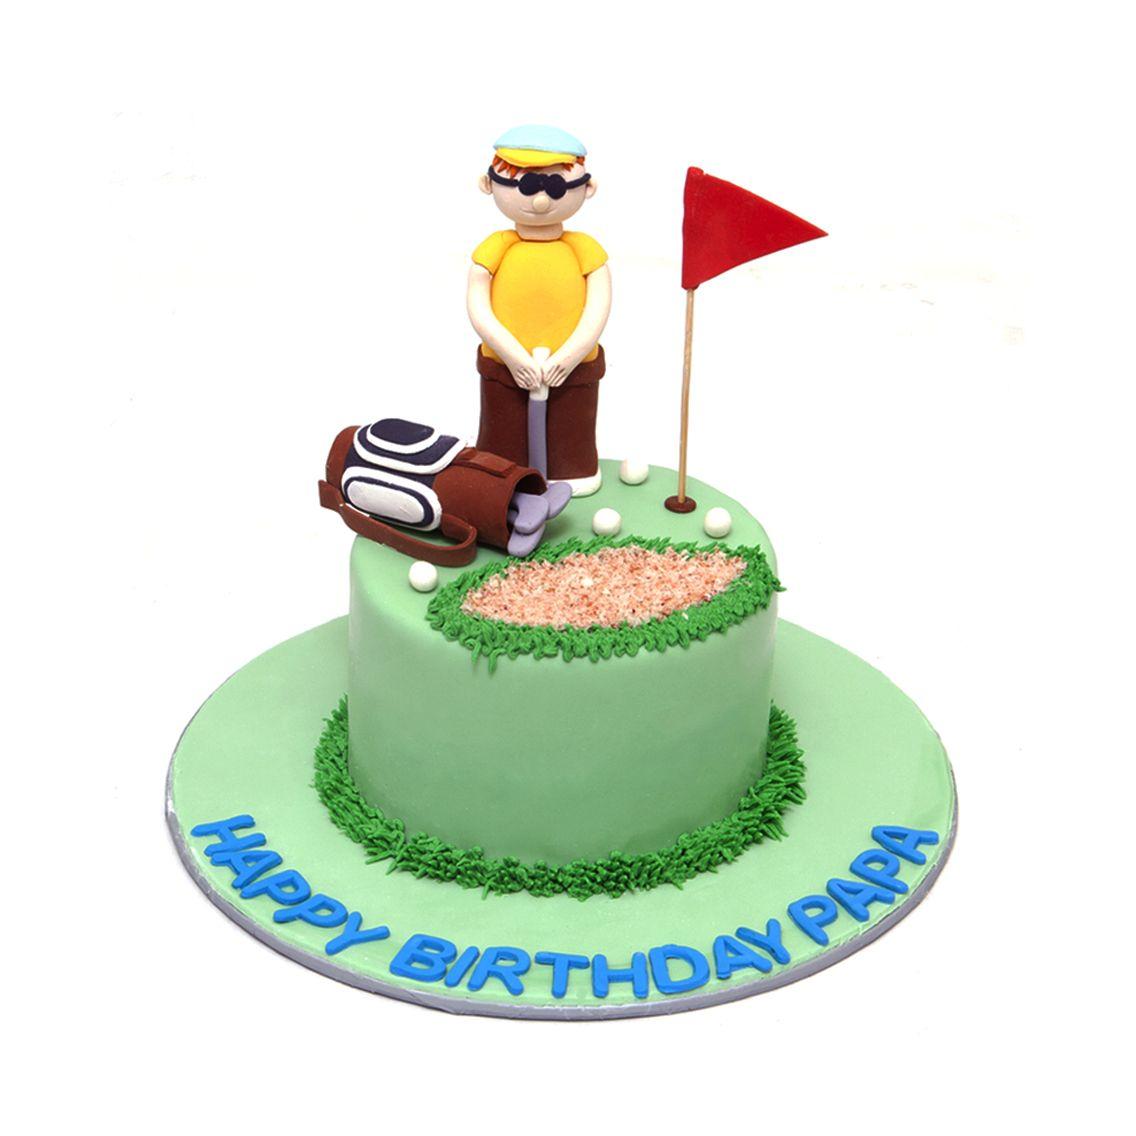 Kitchen Cuisine Default Category Golf Course 2